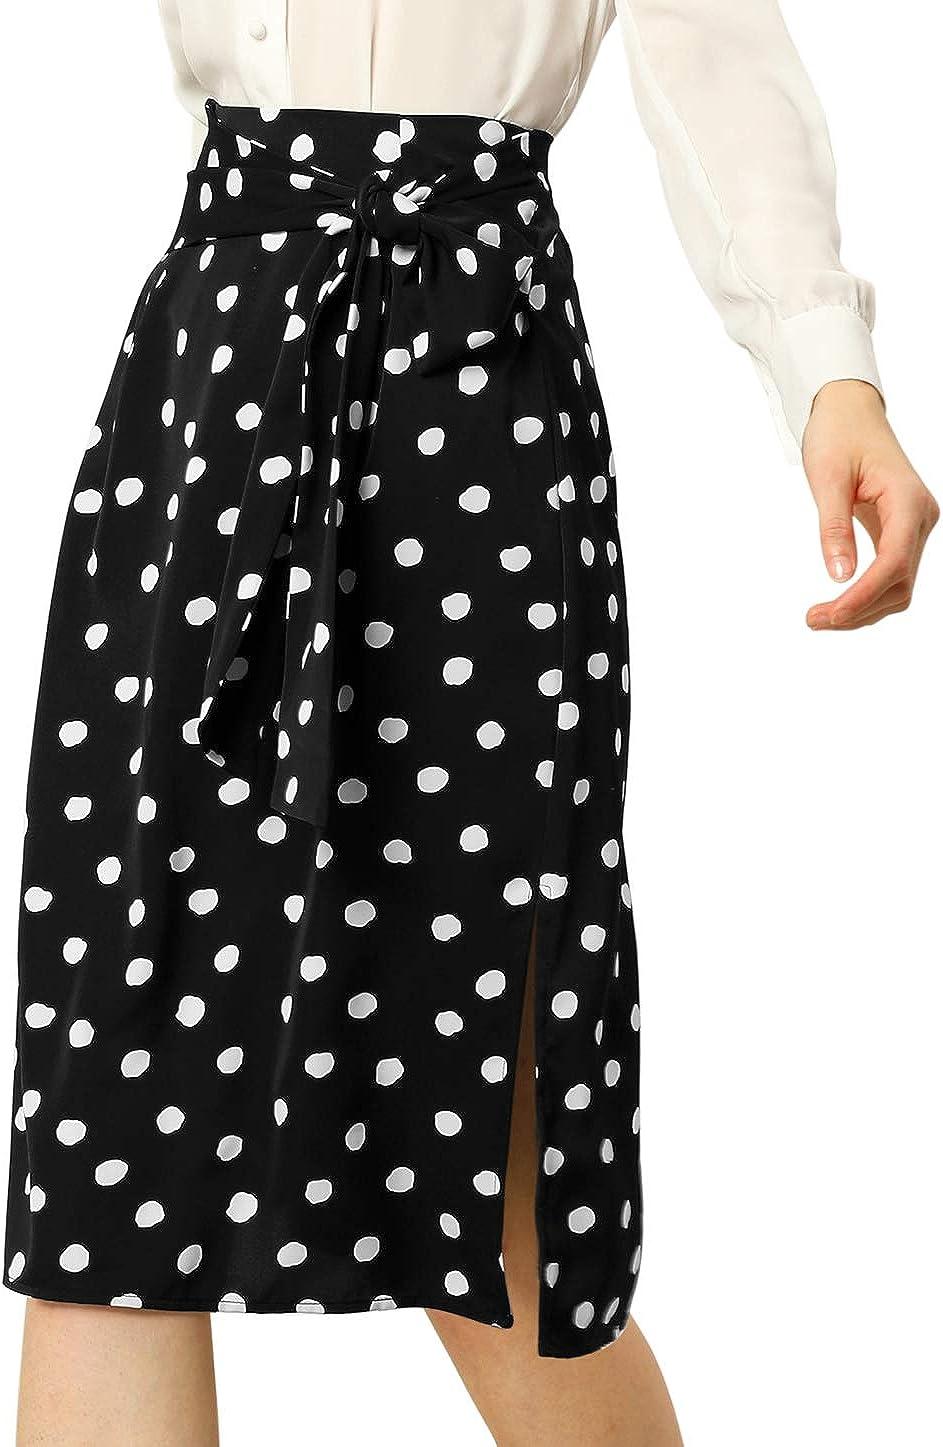 Allegra K Women's Polka Dots Skirt Retro 50s Tie Waist Split Midi Skirts